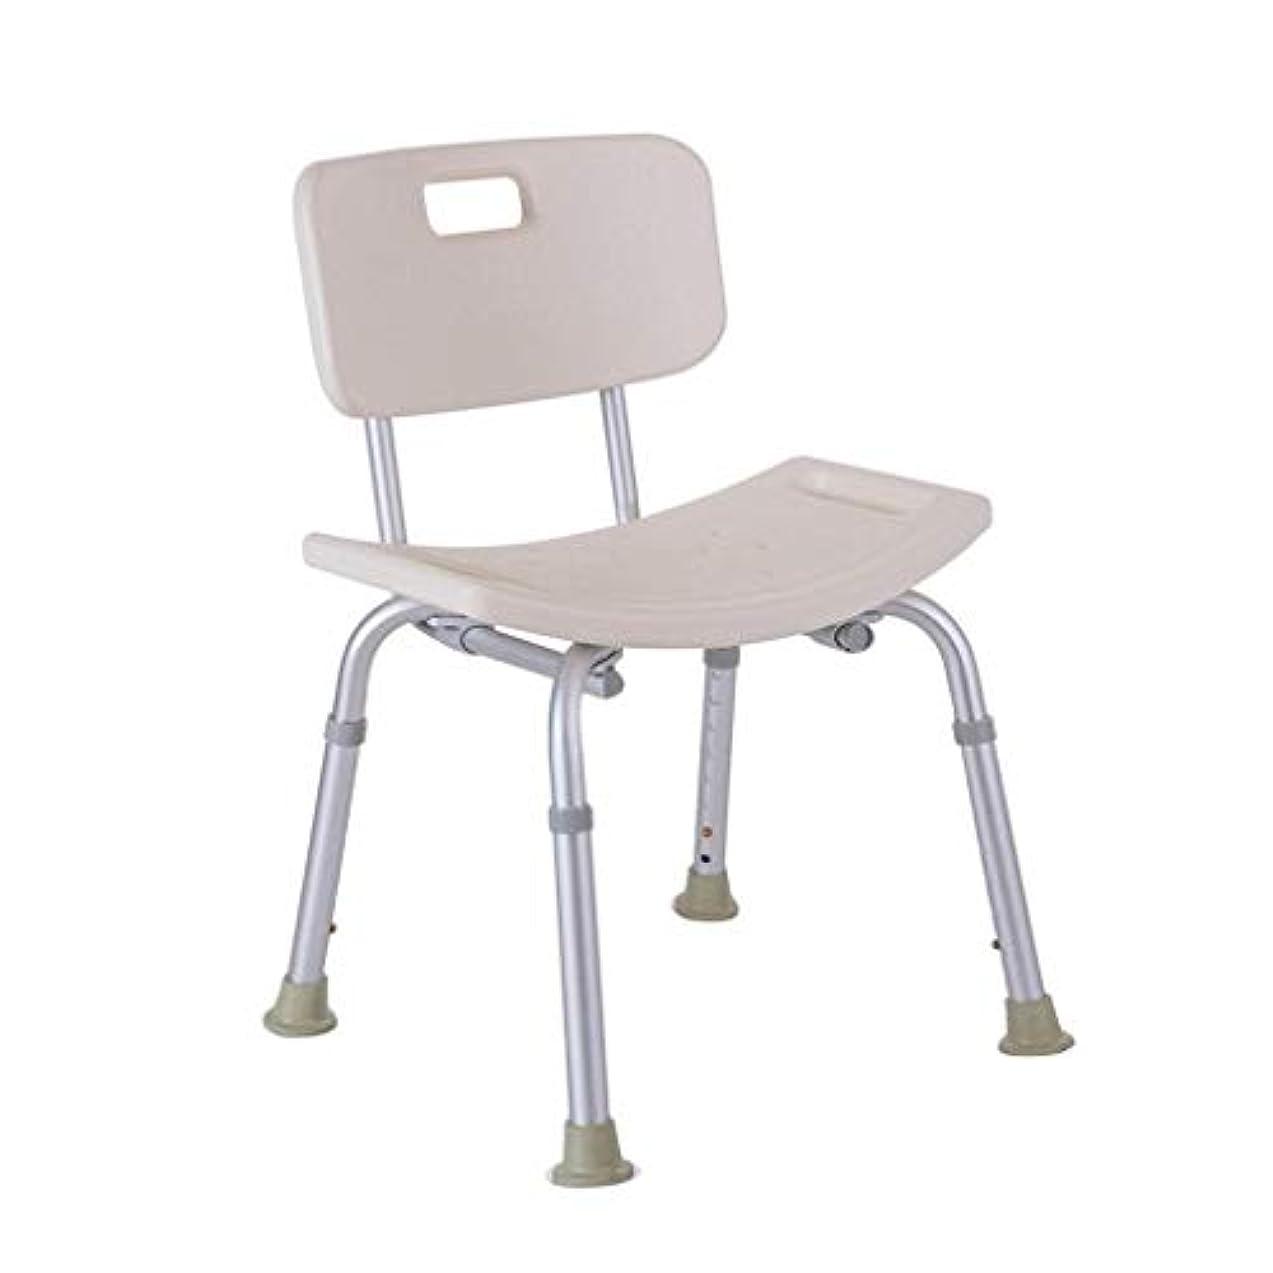 締めるその他転用お風呂の椅子、背もたれ付き調節可能な高さ